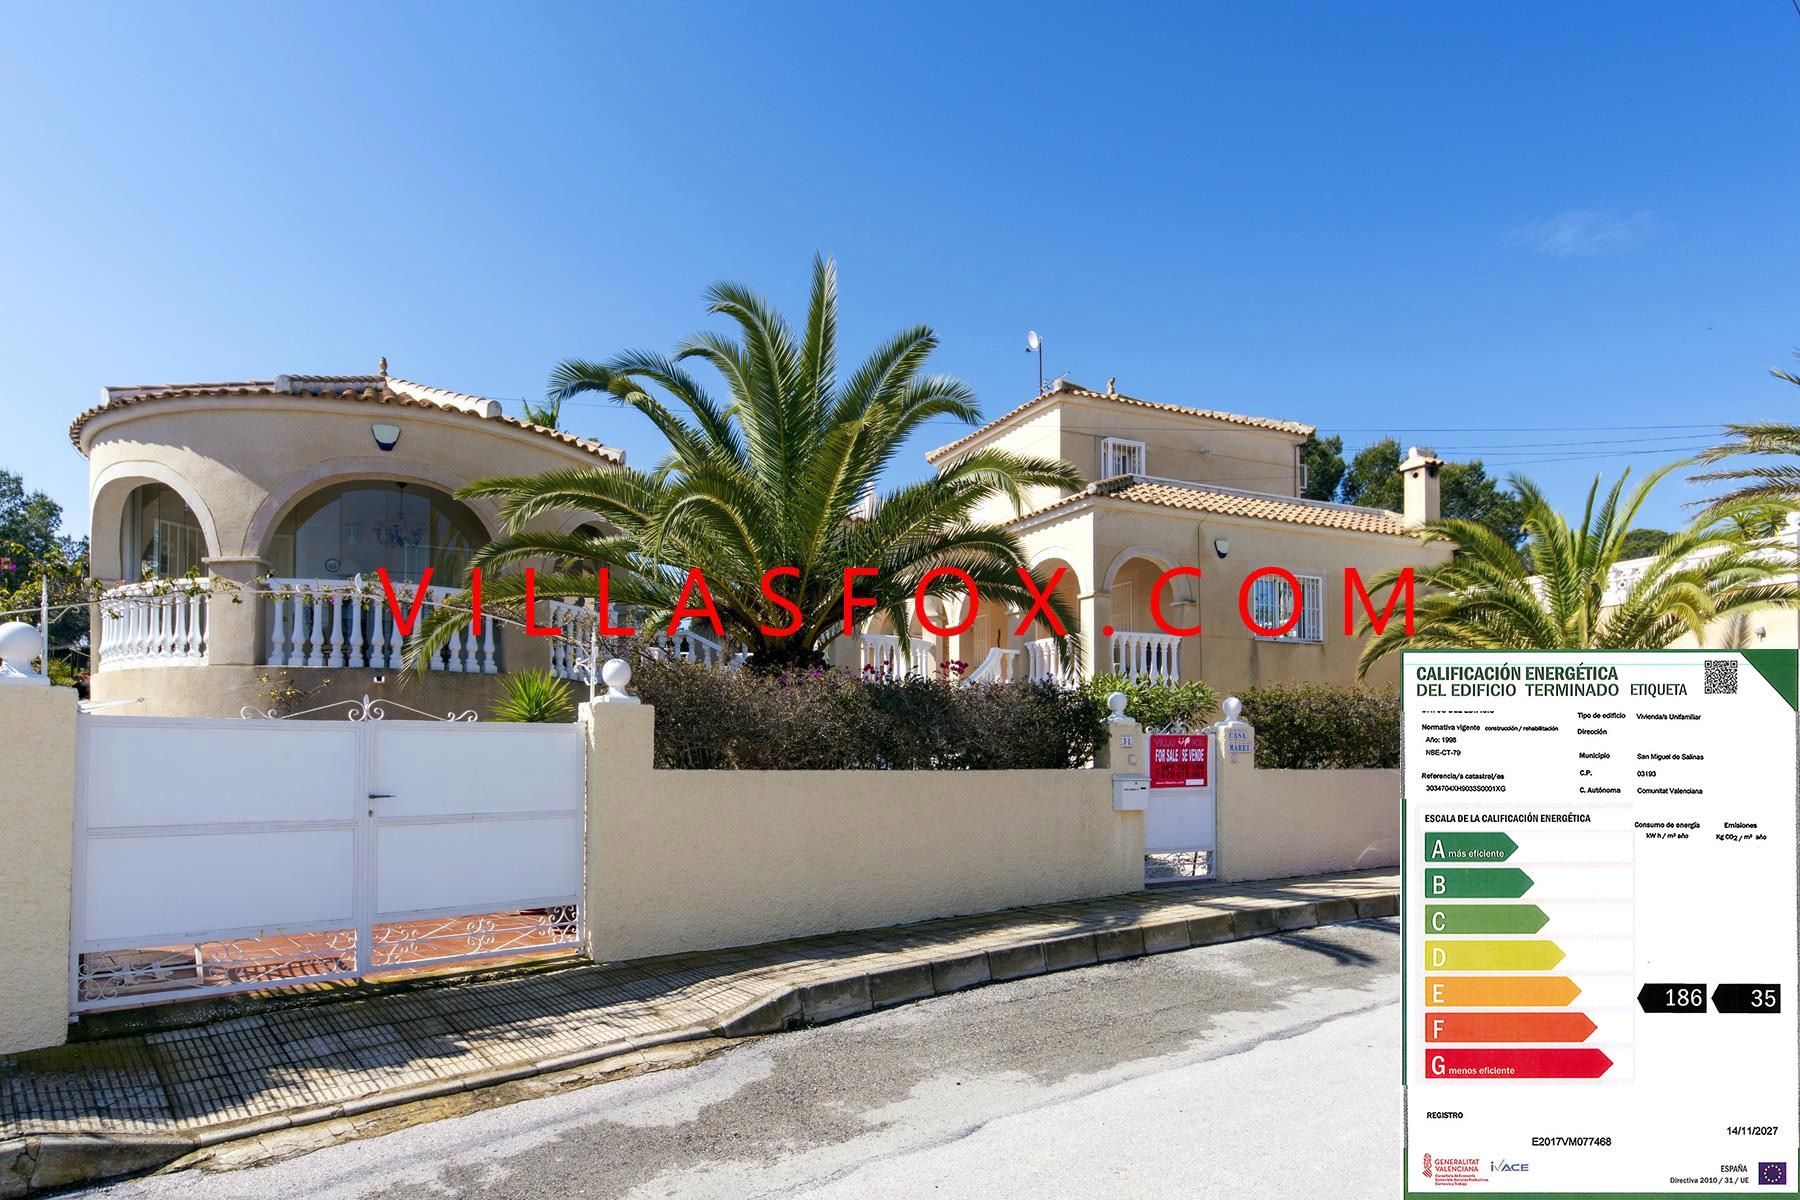 San Miguel de Salinas 4-bedroom villa Las Comunicaciones with great views, superb condition!